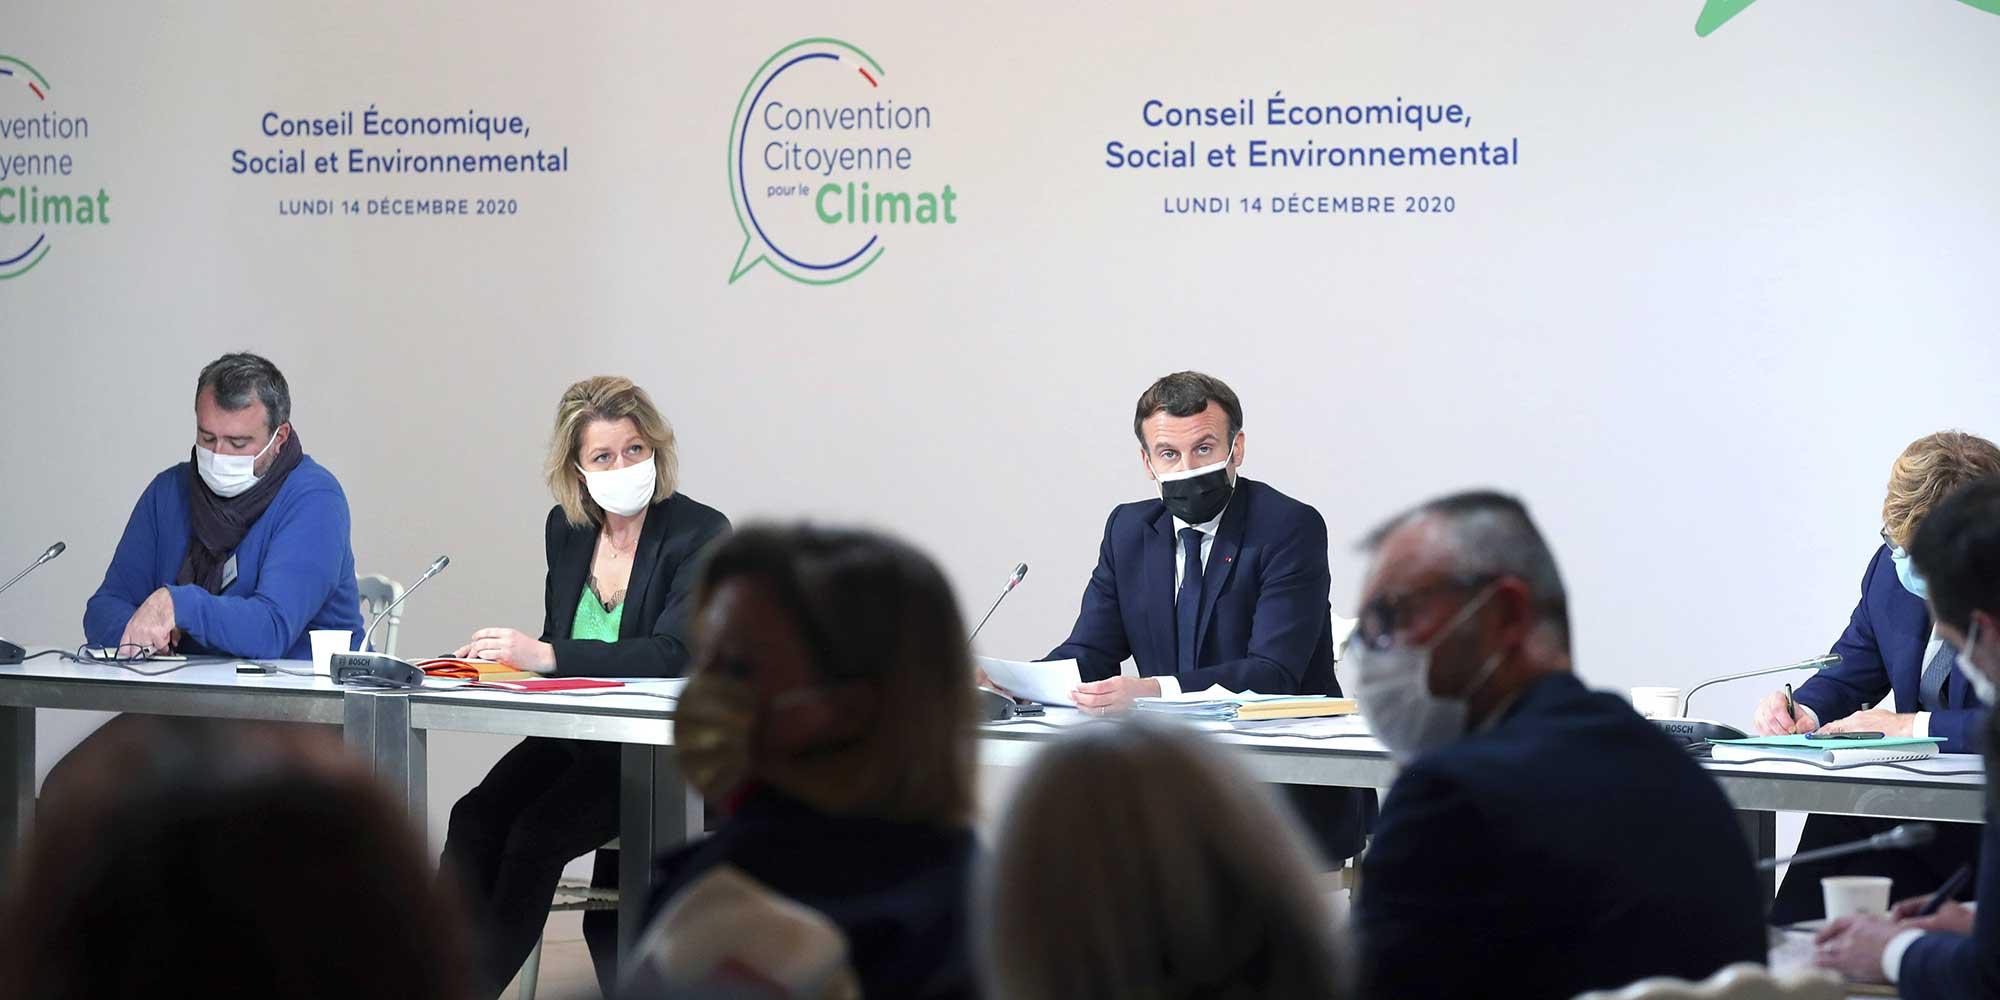 Pour leur dernière session, les citoyens de la convention climat vont noter Macron